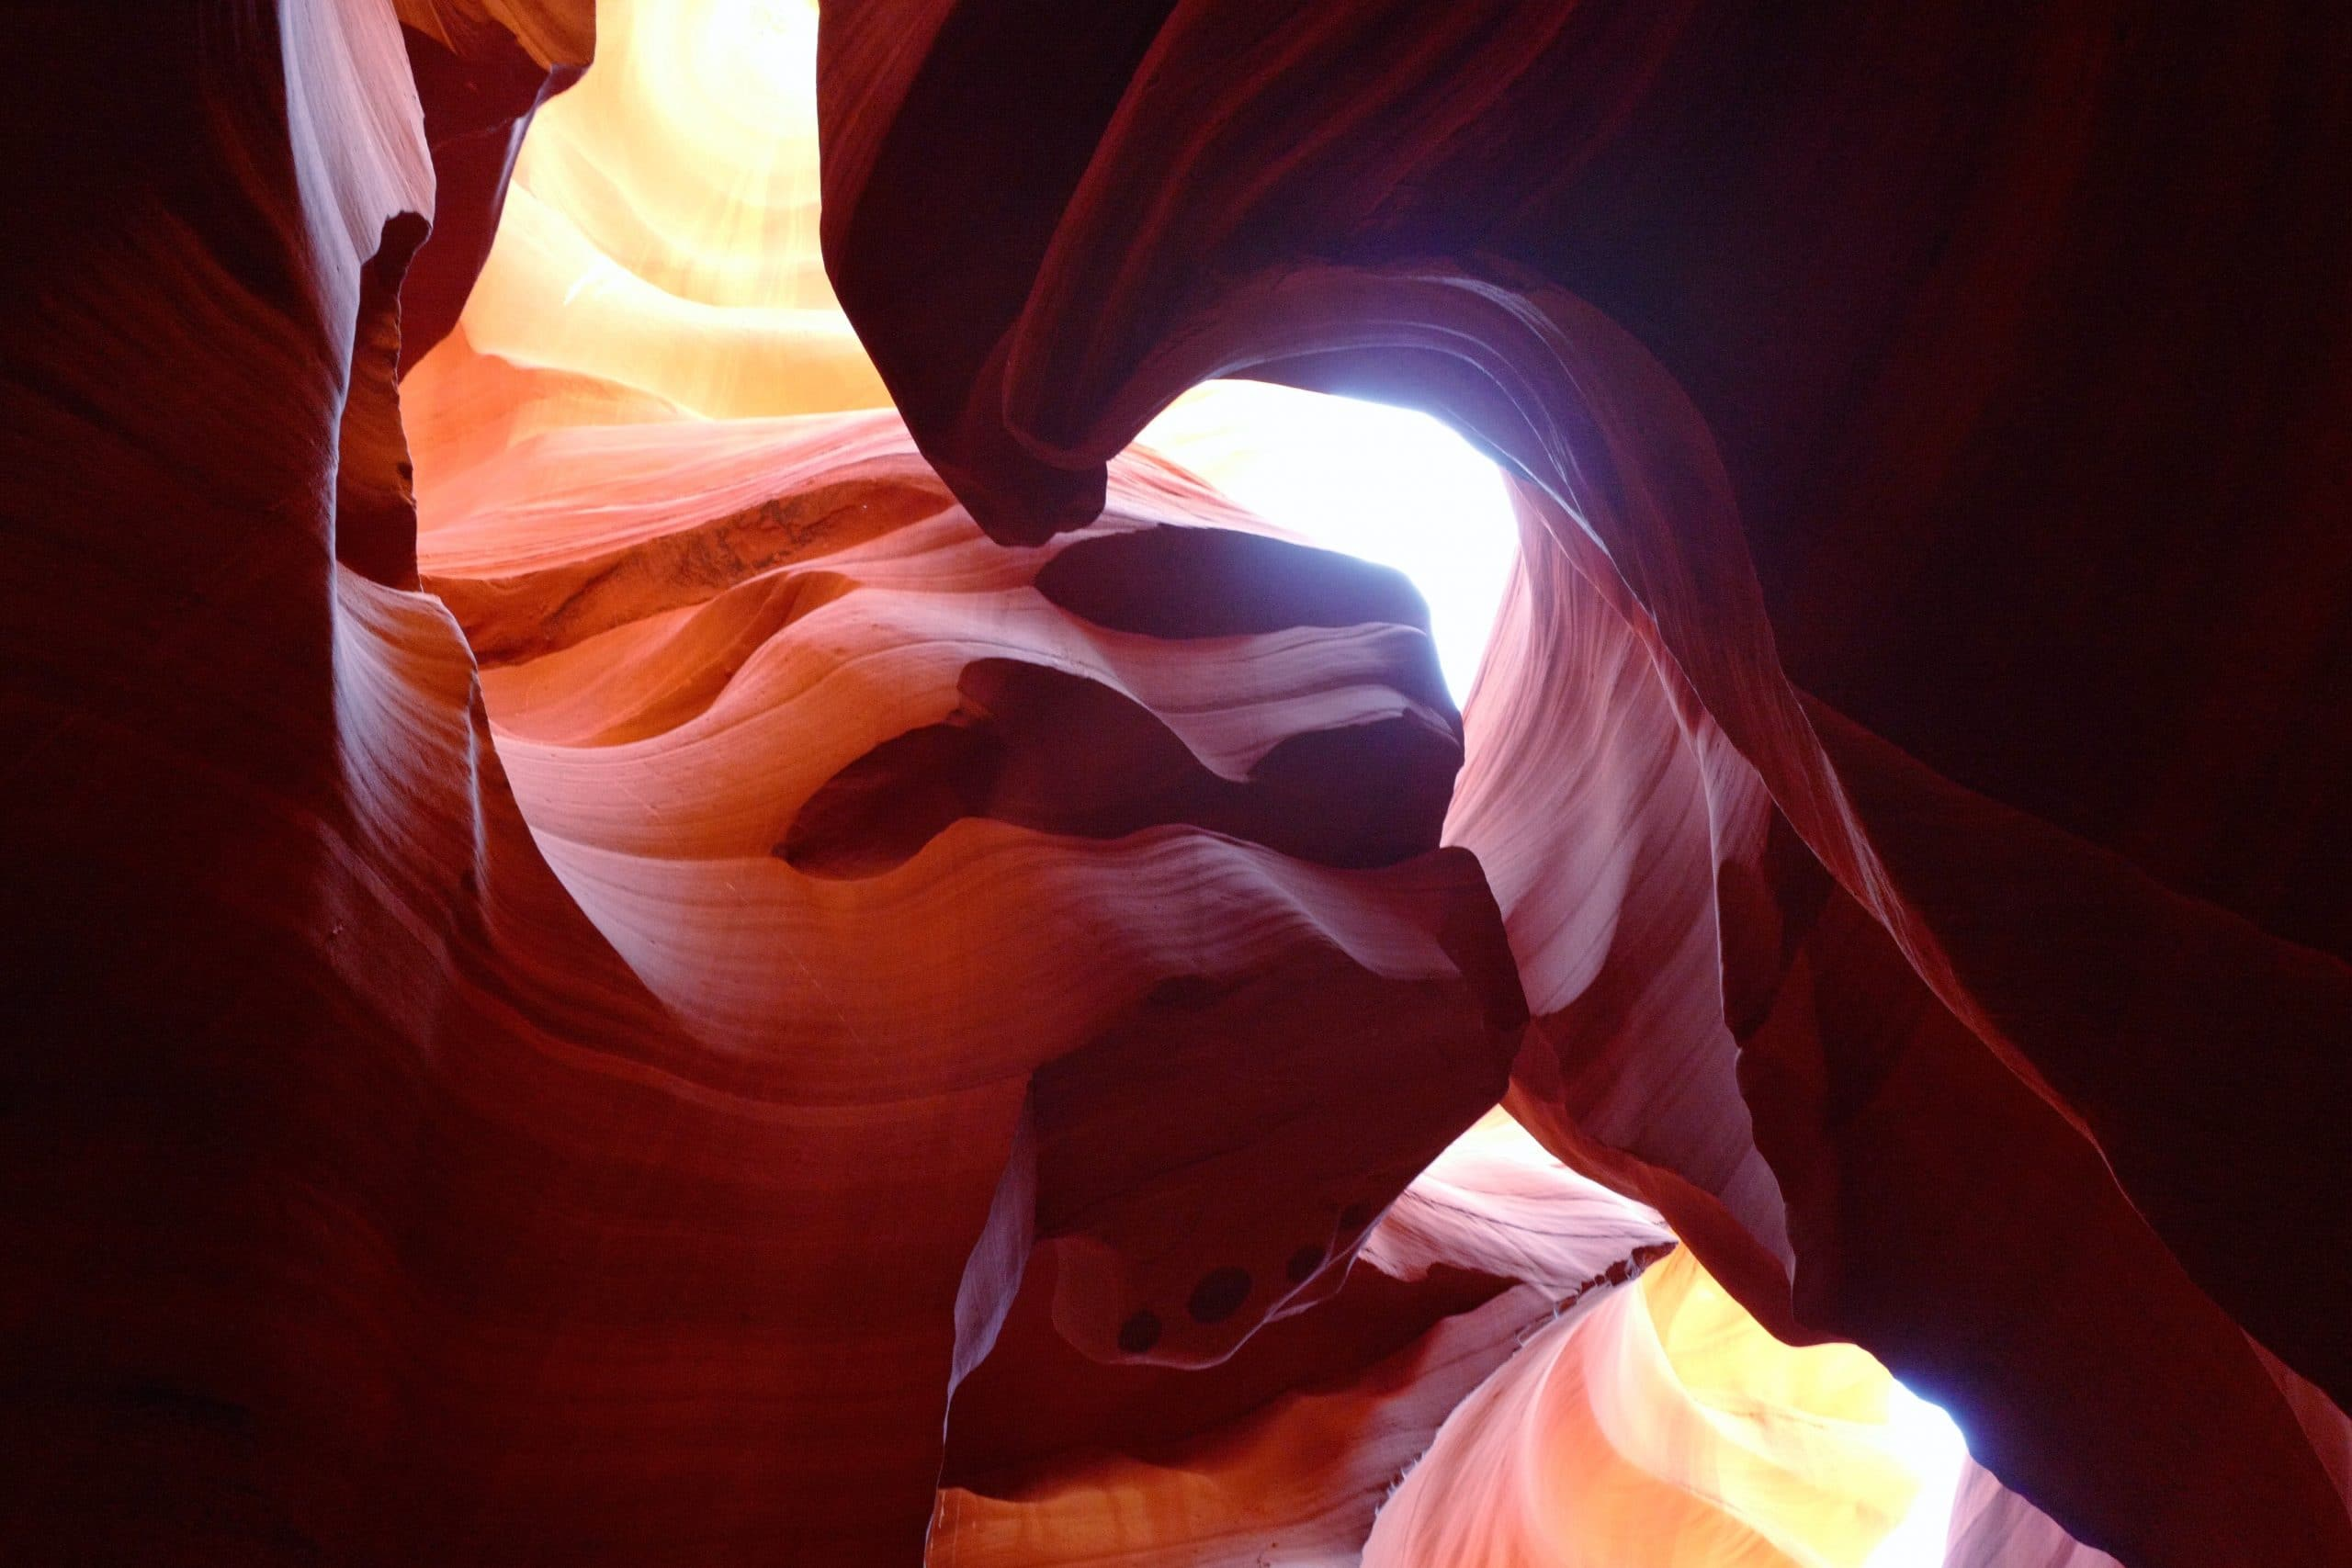 Image de roches s'entrecroisant en forme de vague